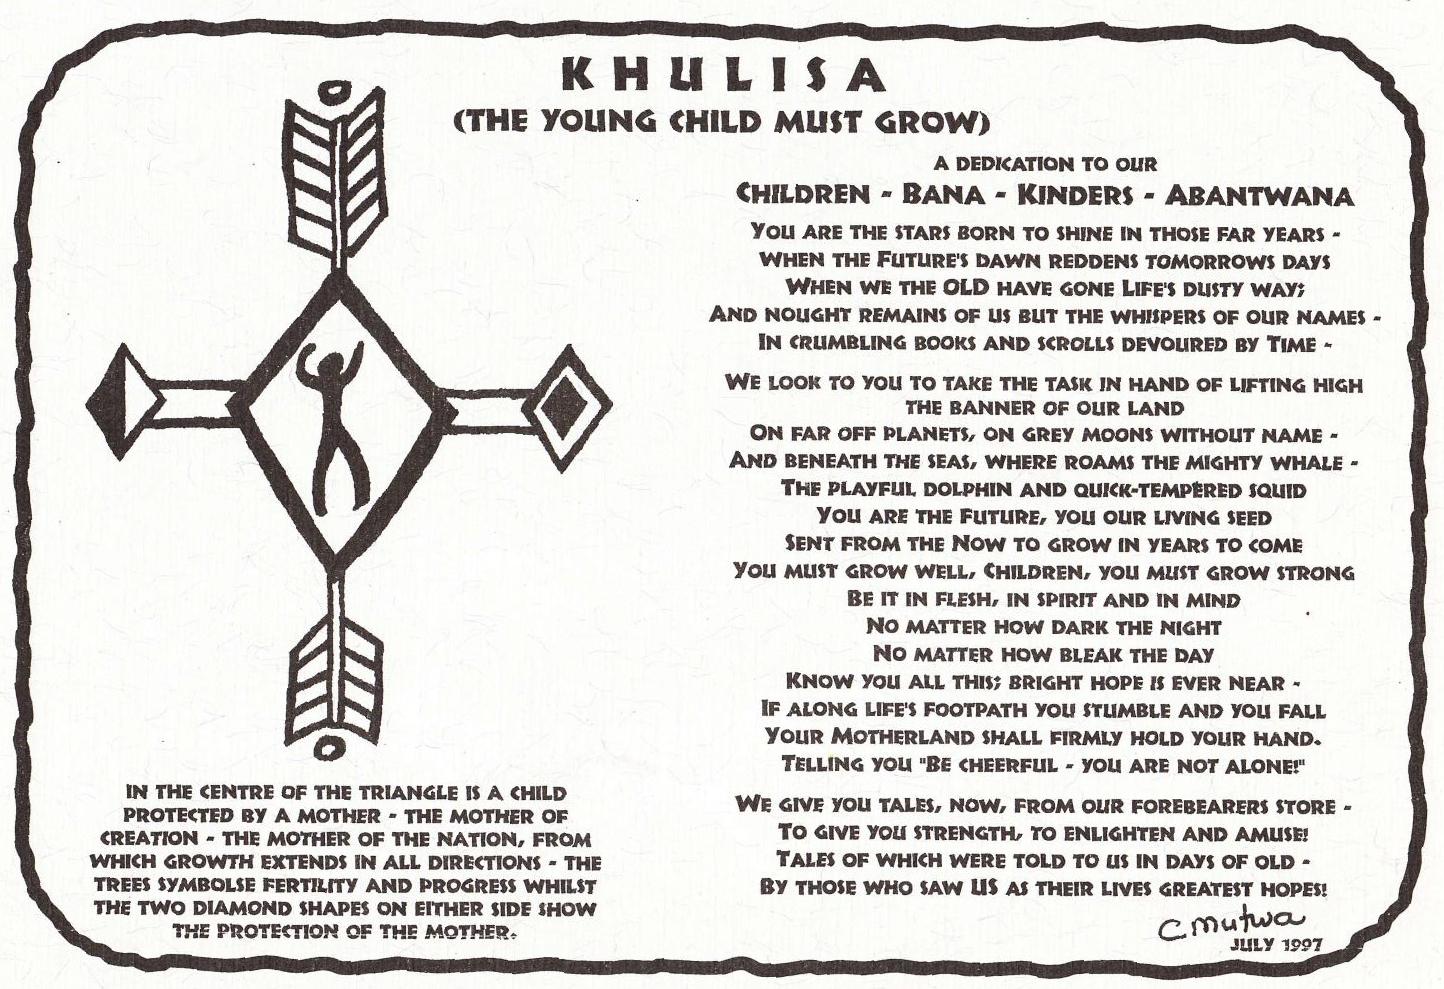 khulisa_origins.jpg